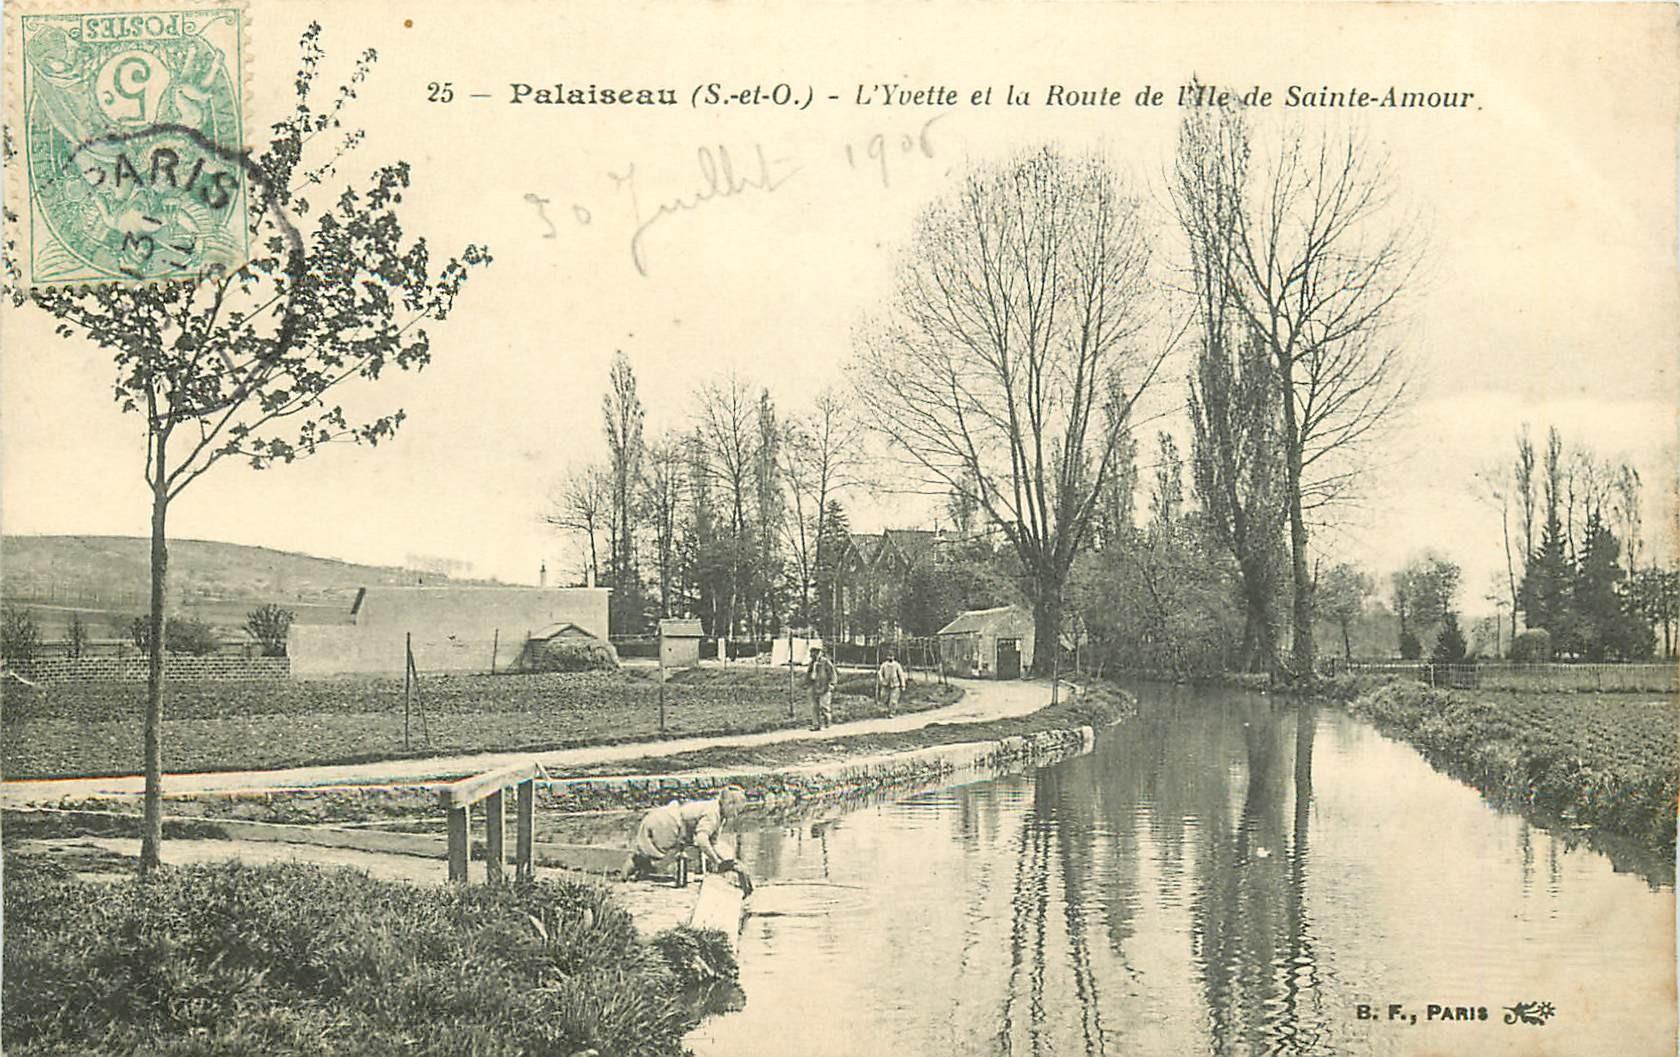 91 PALAISEAU. Yvette et Route de l'Ile de Sainte-Amour 1905